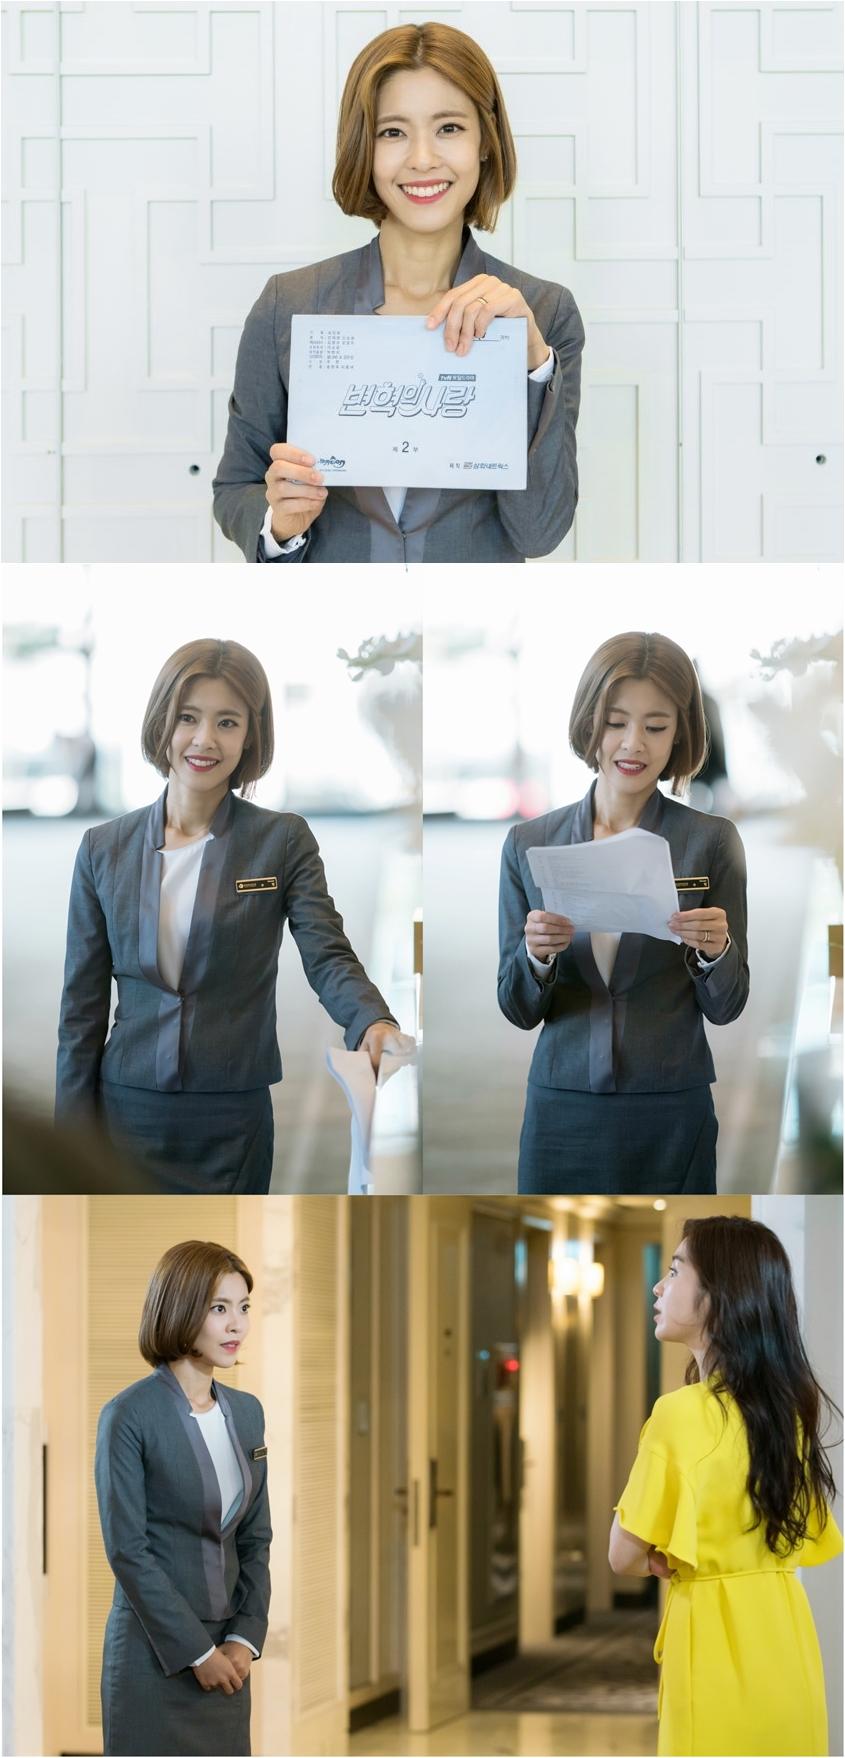 <변혁의 사랑> 이윤지 특별 출연! 강렬한 임팩트 선사 예고